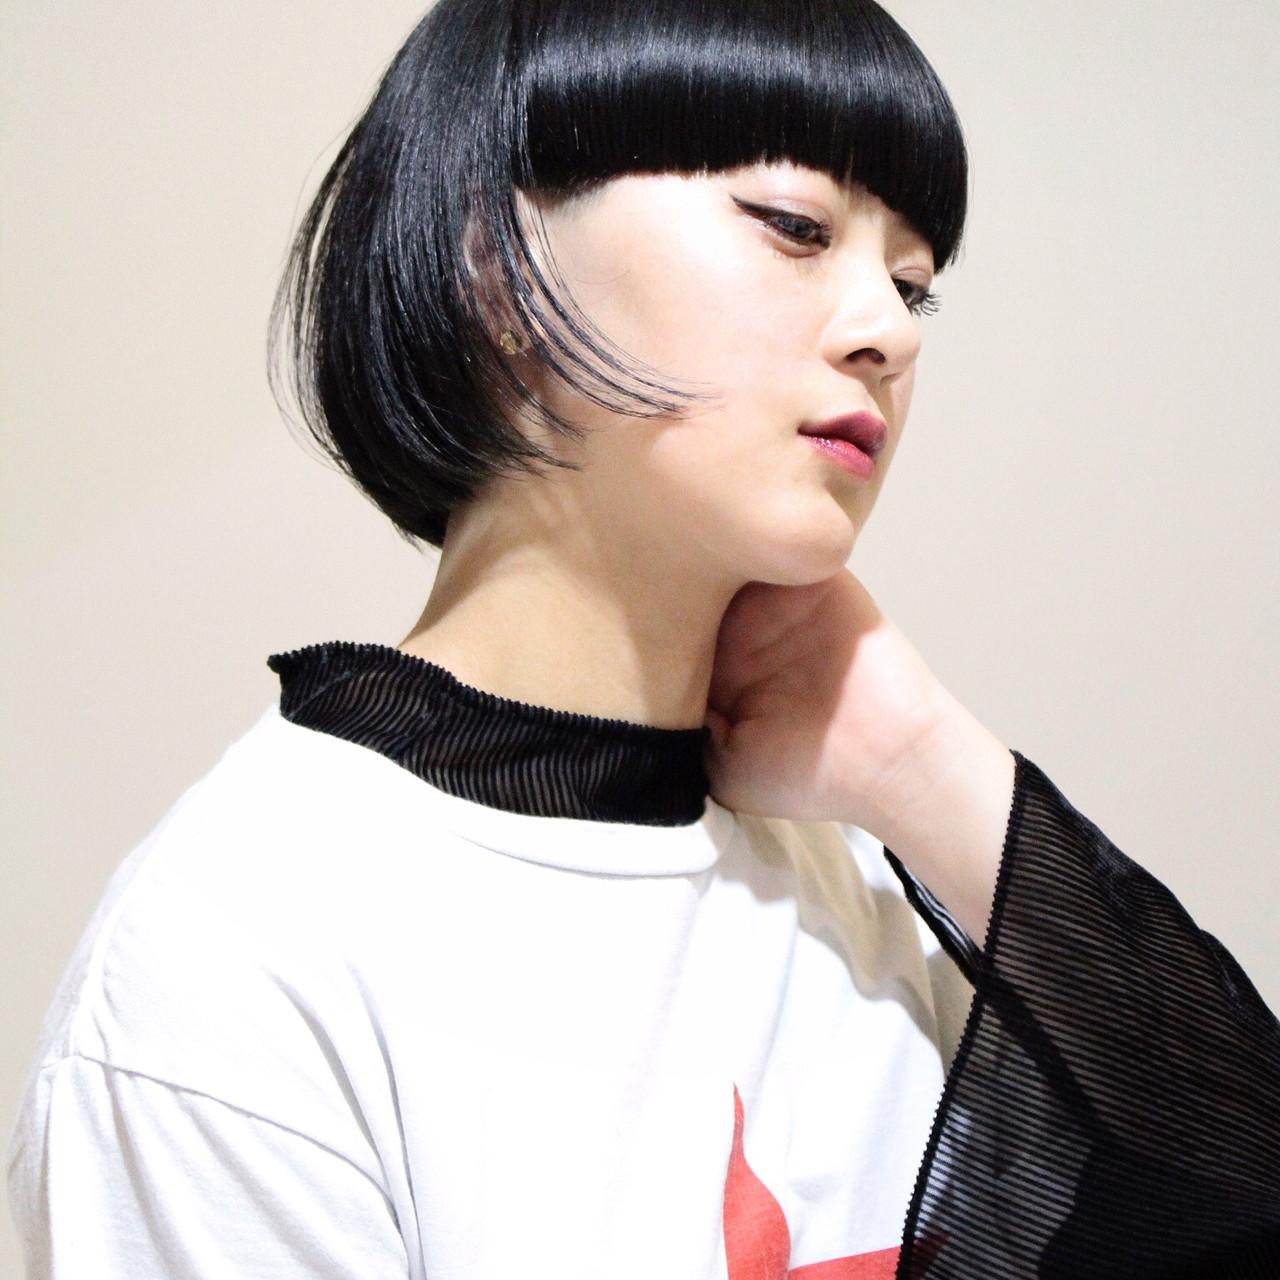 ボブ ストリート 大人女子 色気 ヘアスタイルや髪型の写真・画像 | 関 / Boa sorte